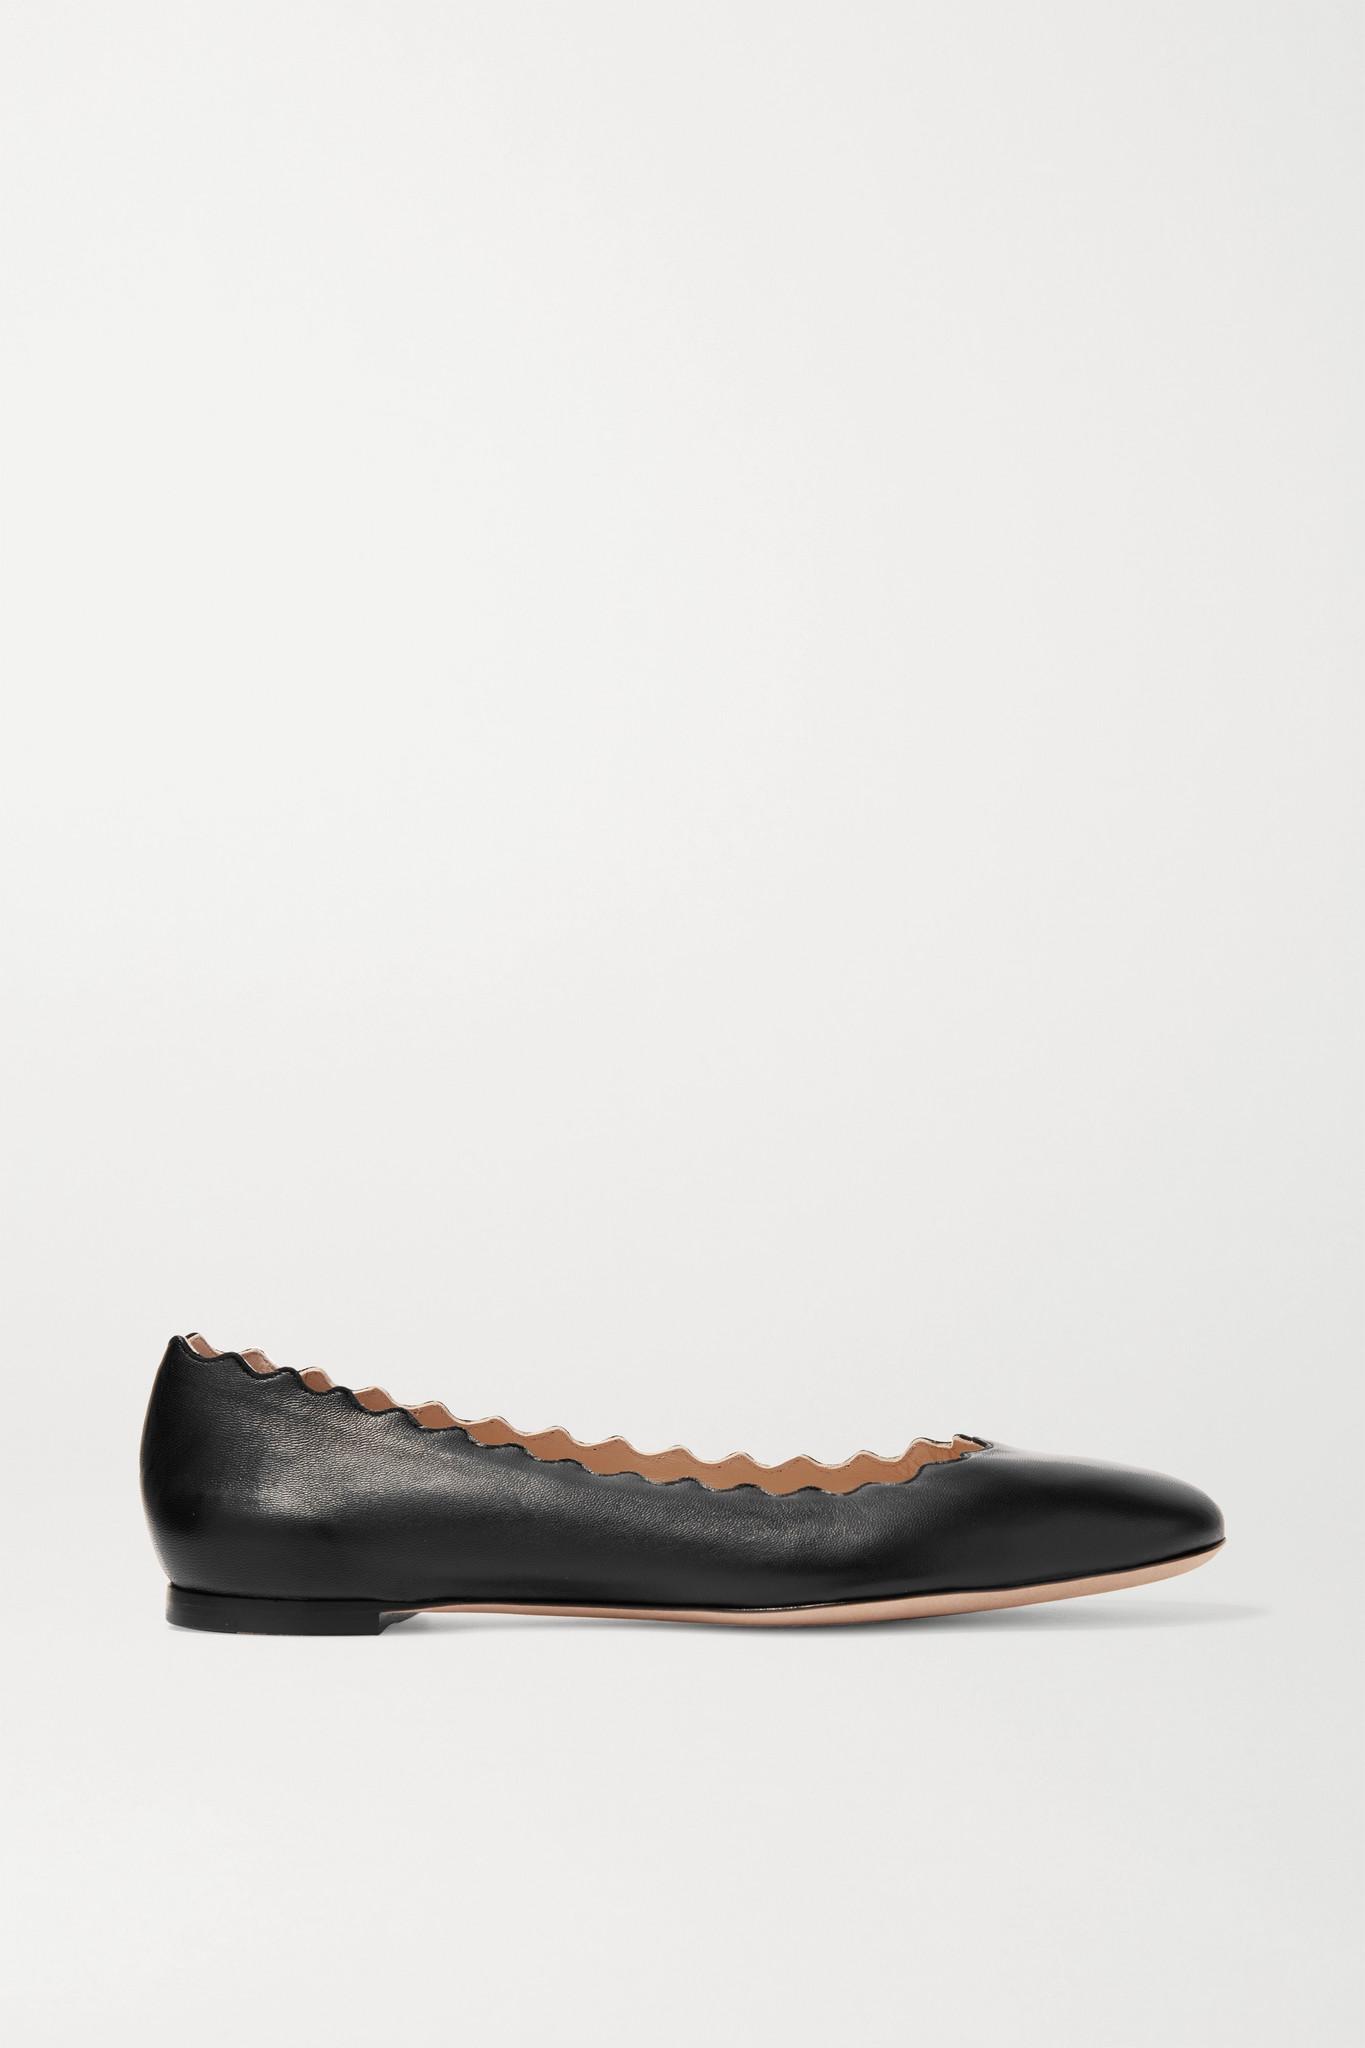 CHLOÉ - Lauren Scalloped Leather Ballet Flats - Black - IT42